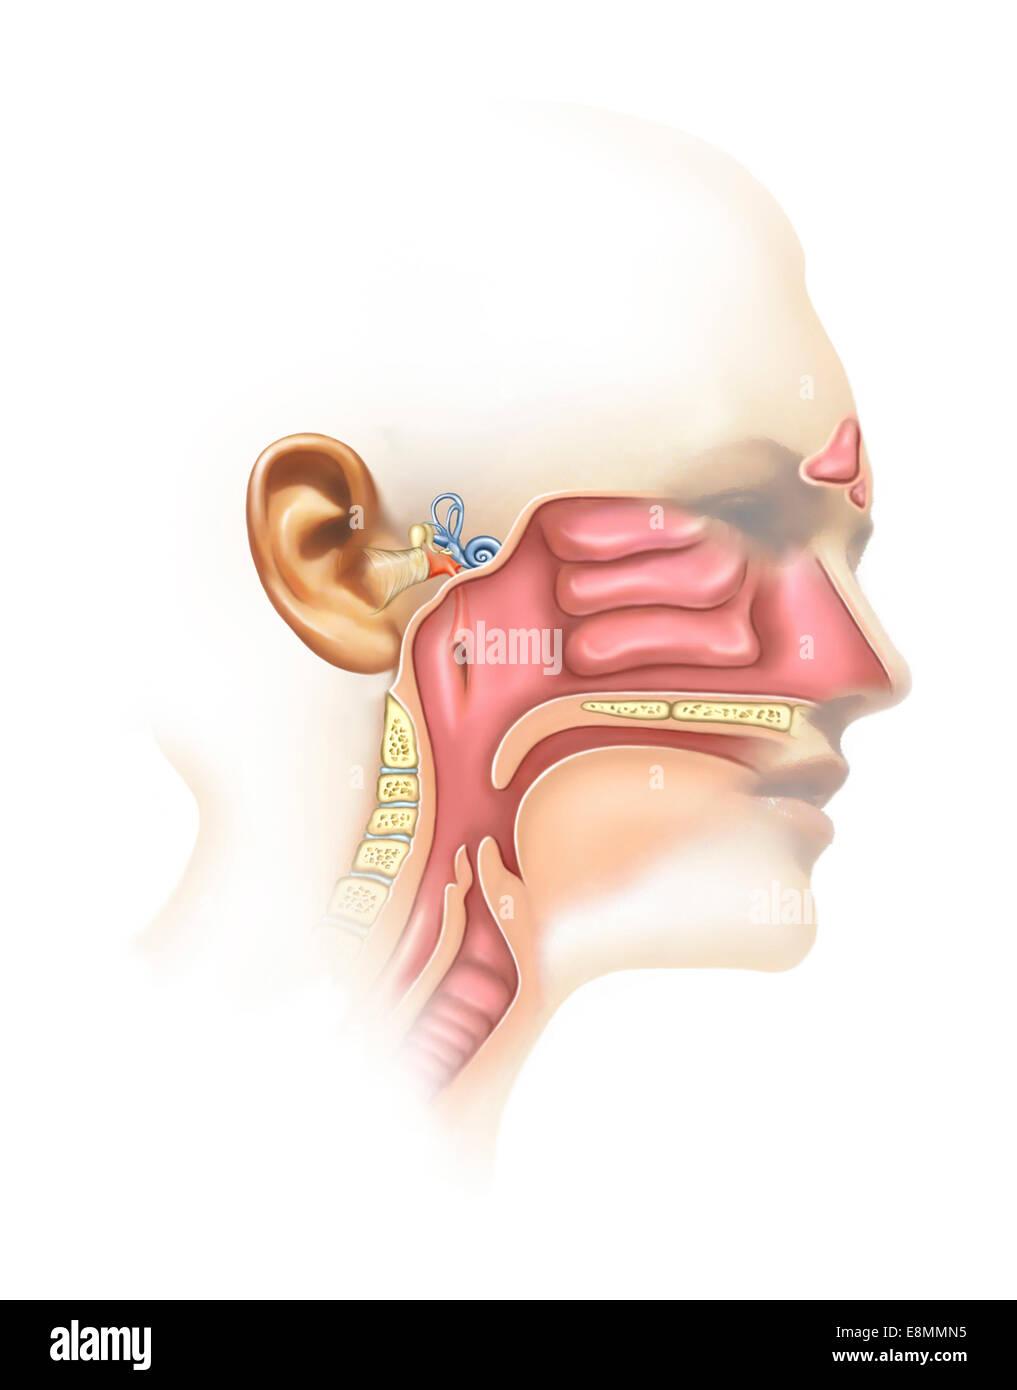 Frontal Sinuses Imágenes De Stock & Frontal Sinuses Fotos De Stock ...